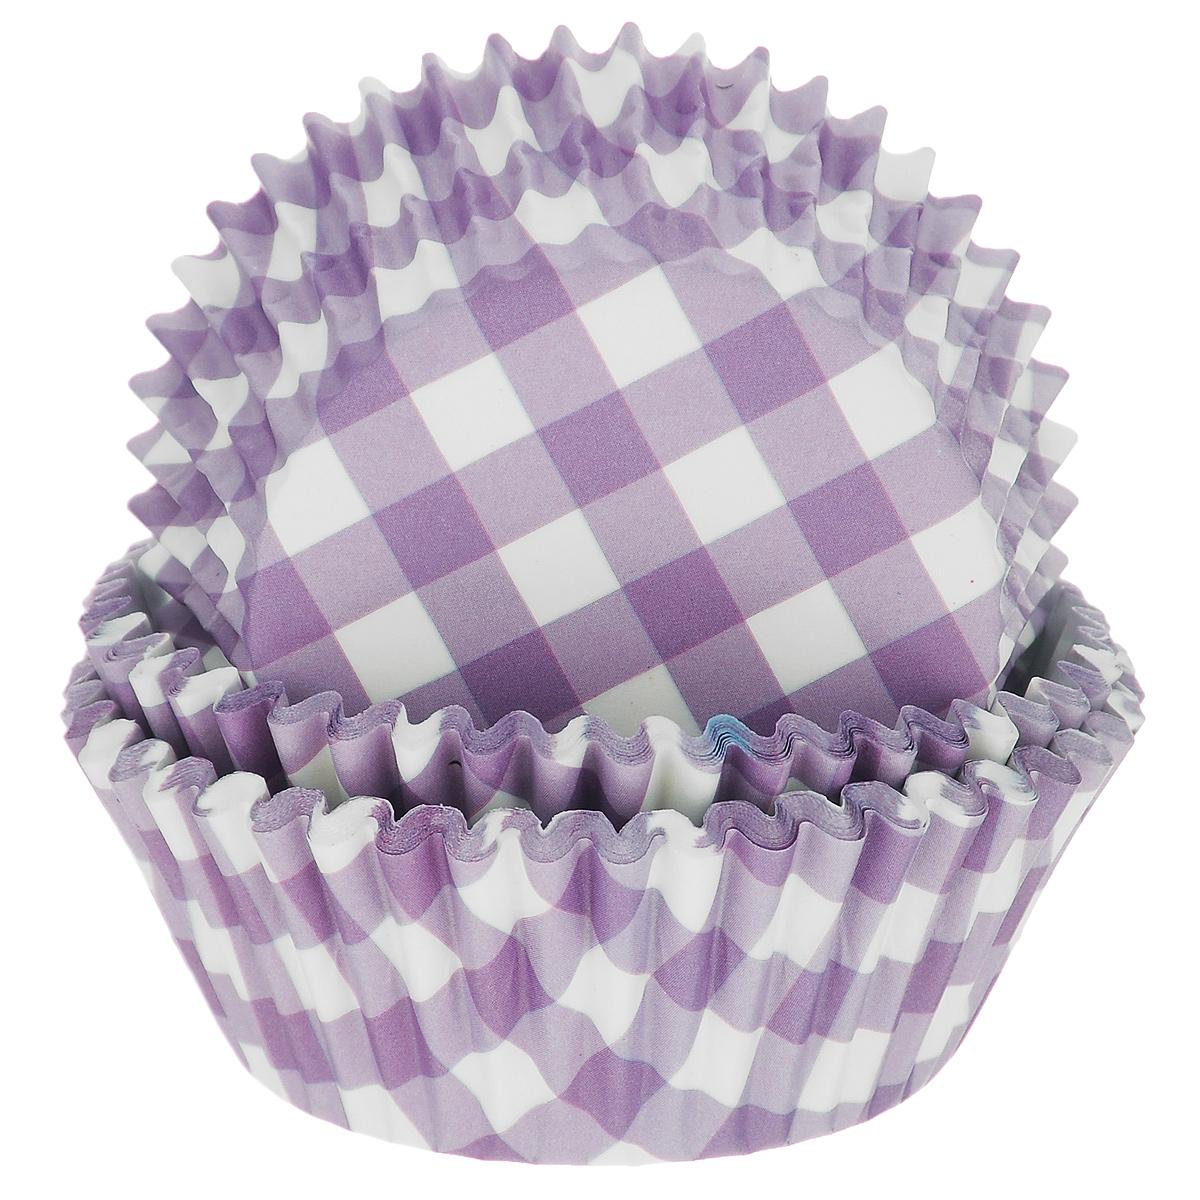 Набор бумажных форм для кексов Dolce Arti Клетка, цвет: фиолетовый, диаметр 7 см, 50 штDA080210Набор Dolce Arti Клетка состоит из 50 бумажных форм для кексов, оформленных принтом в клетку. Они предназначены для выпечки и упаковки кондитерских изделий, также могут использоваться для сервировки орешков, конфет и много другого. Для одноразового применения. Гофрированные бумажные формы идеальны для выпечки кексов, булочек и пирожных. Высота стенки: 3 см. Диаметр (по верхнему краю): 7 см.